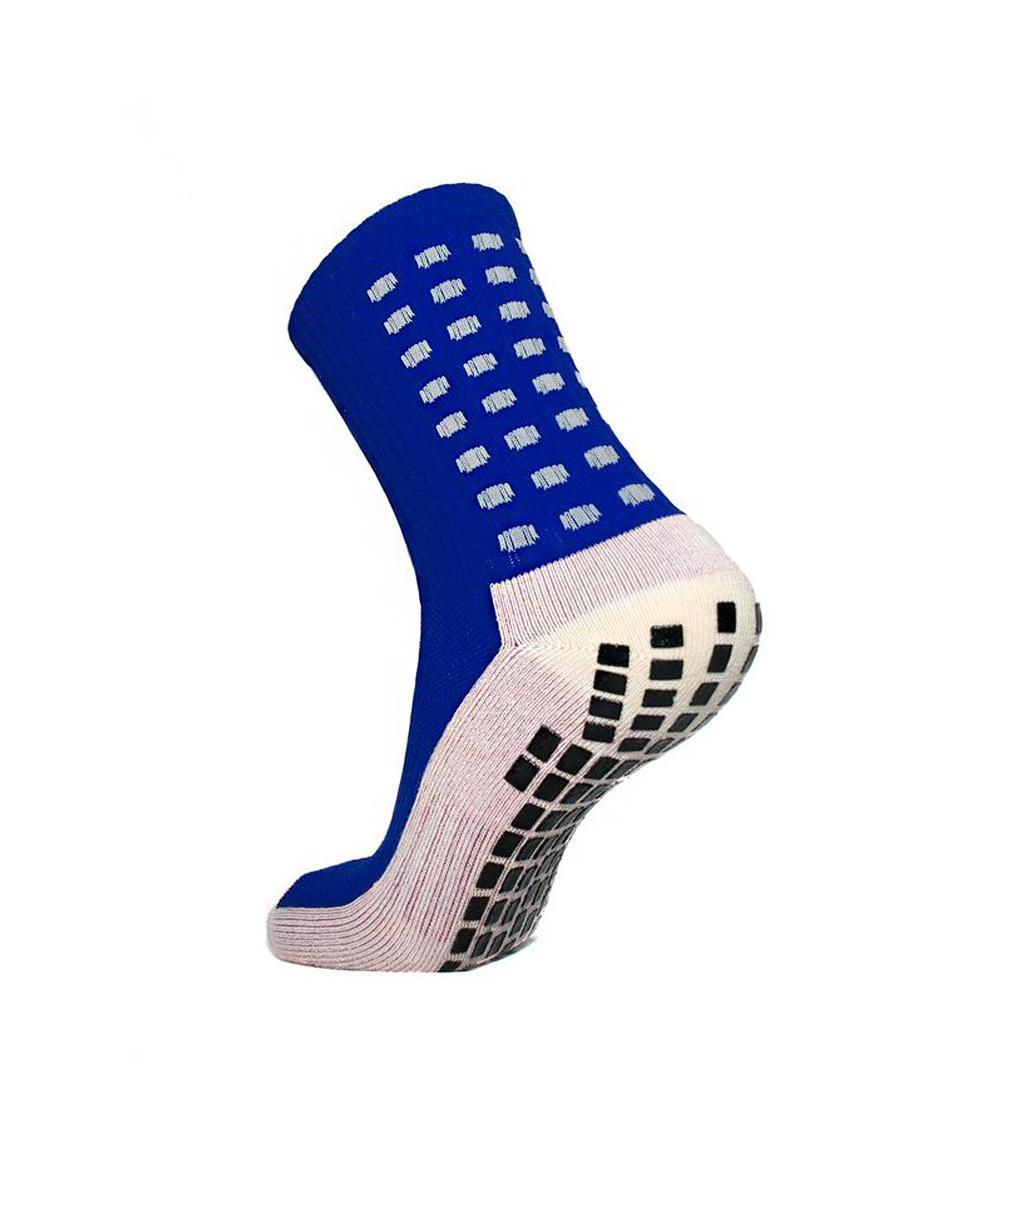 Купить синие футбольные носки – противоскользящие в Новосибирске